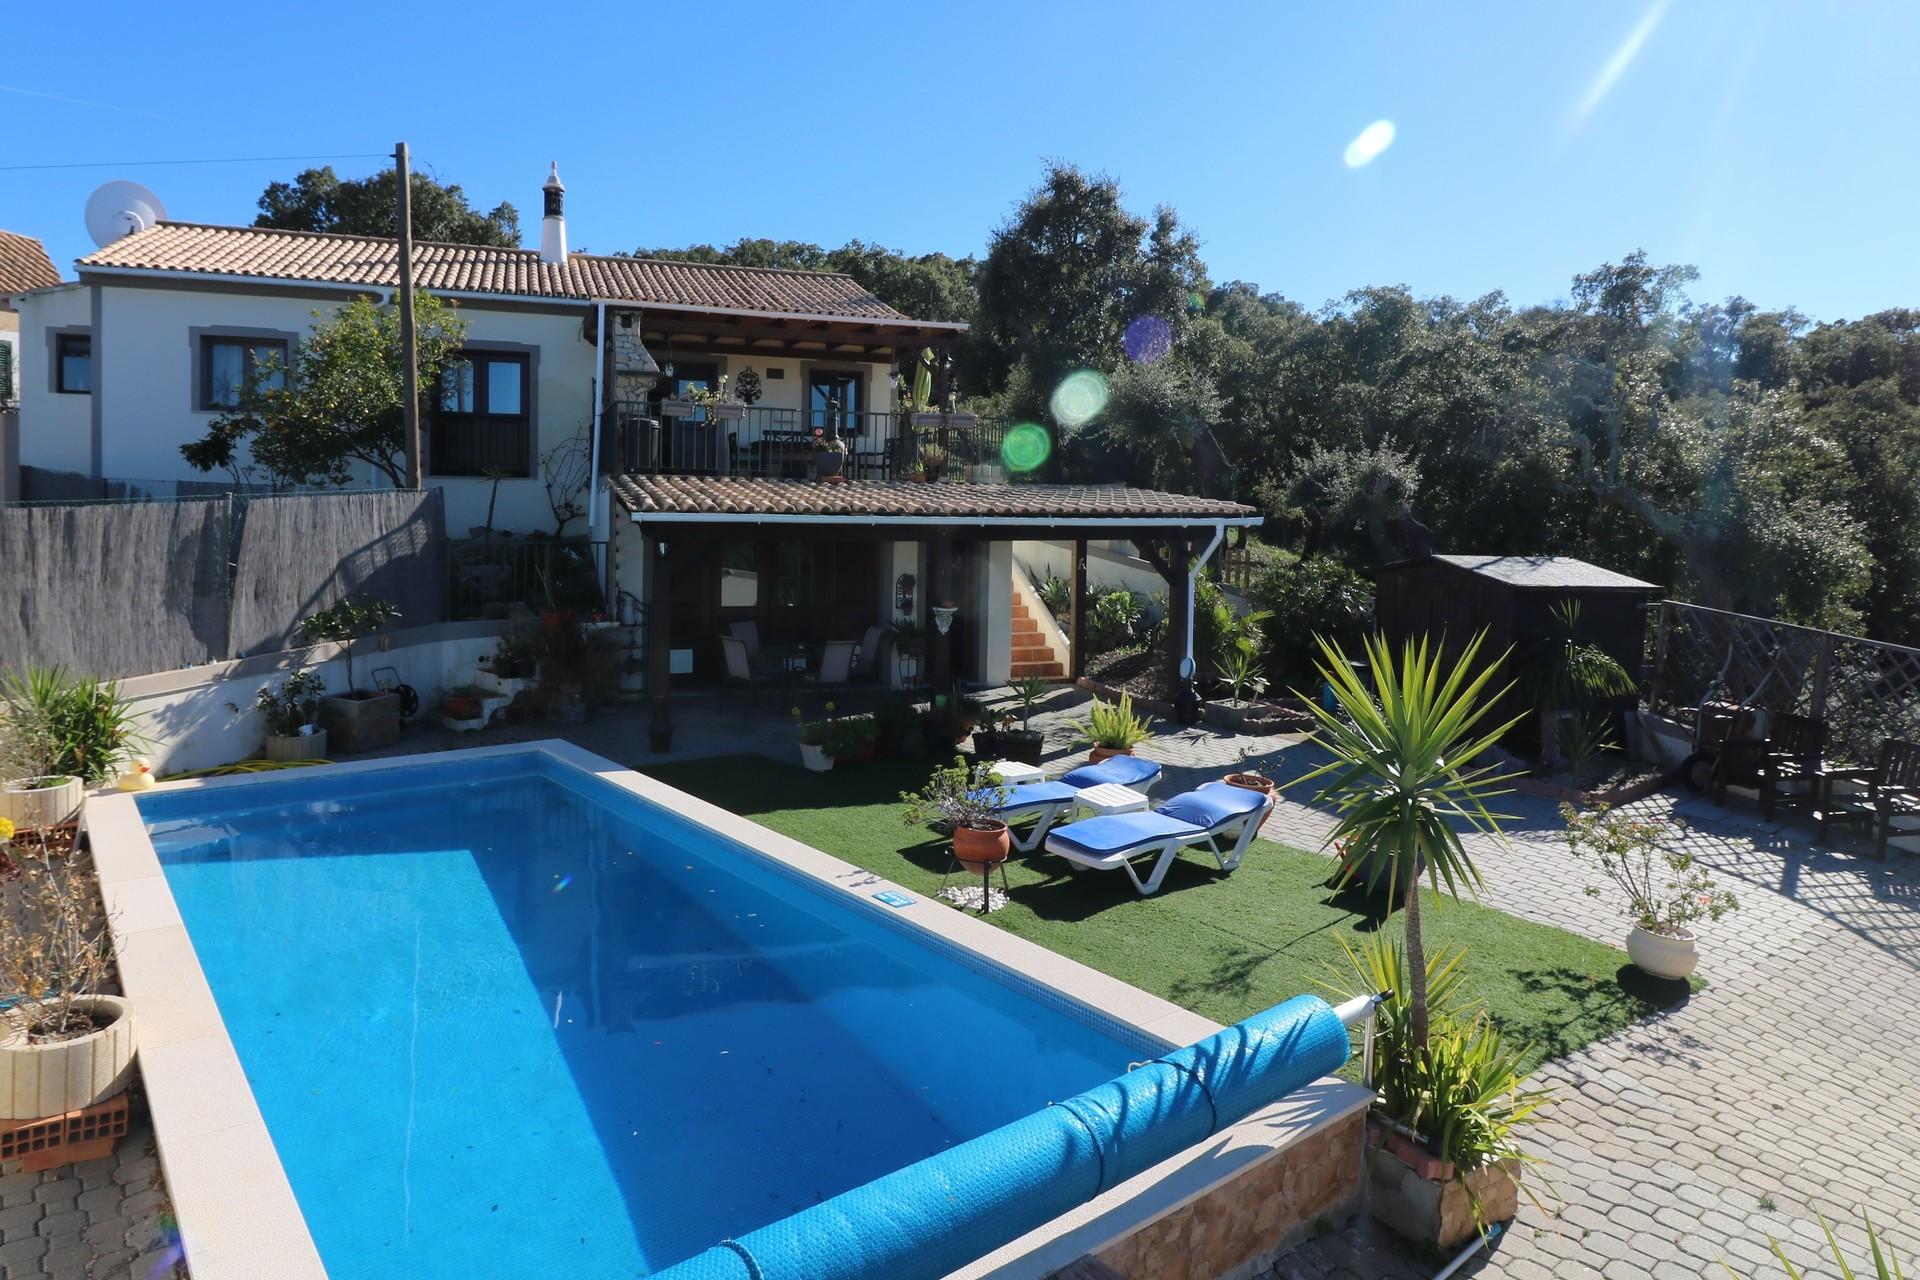 4 Bedroom Villa Sao Bras de Alportel, Central Algarve Ref: JV10334